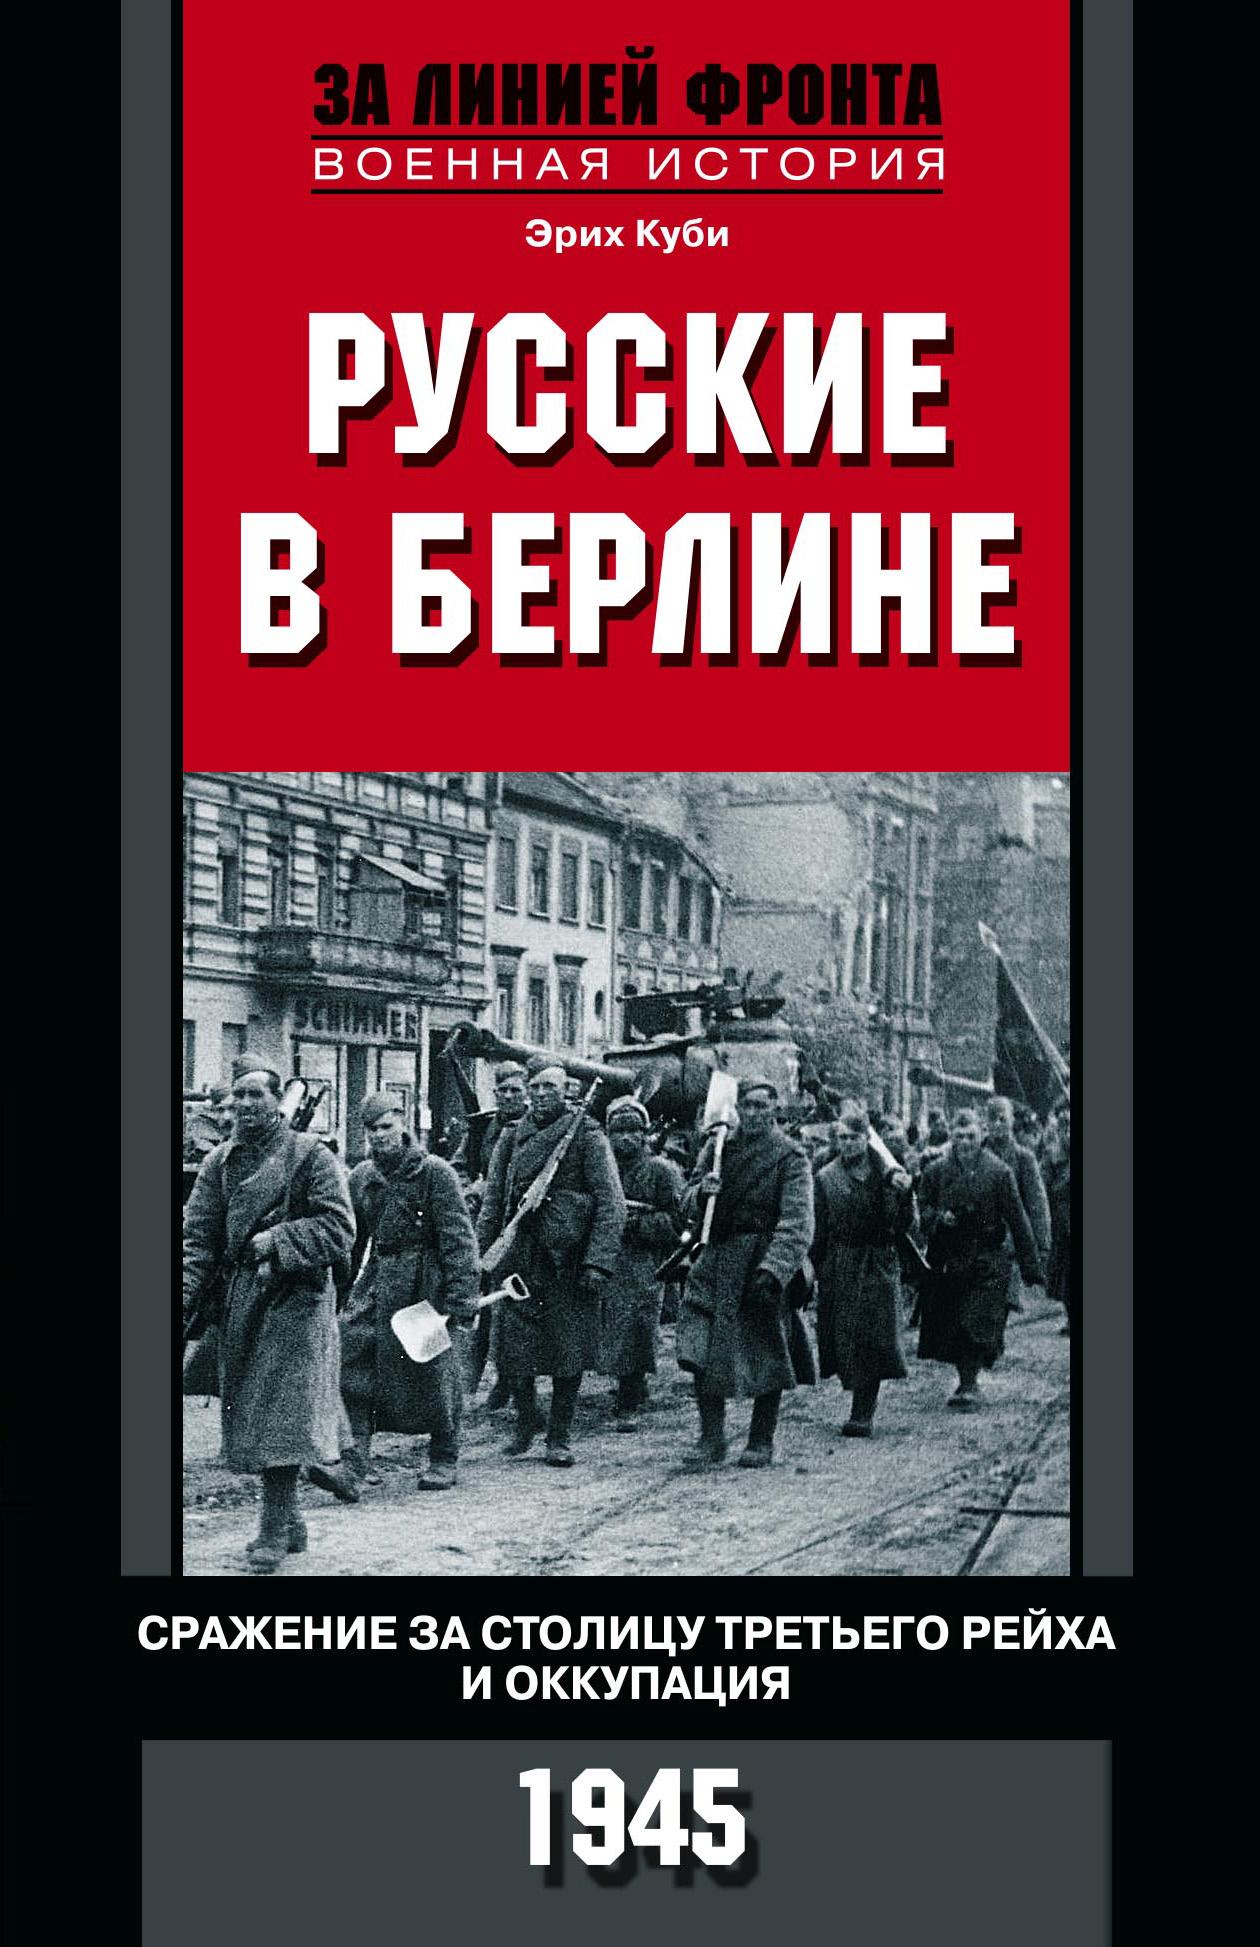 Эрих Куби Русские в Берлине. Сражения за столицу Третьего рейха и оккупация. 1945